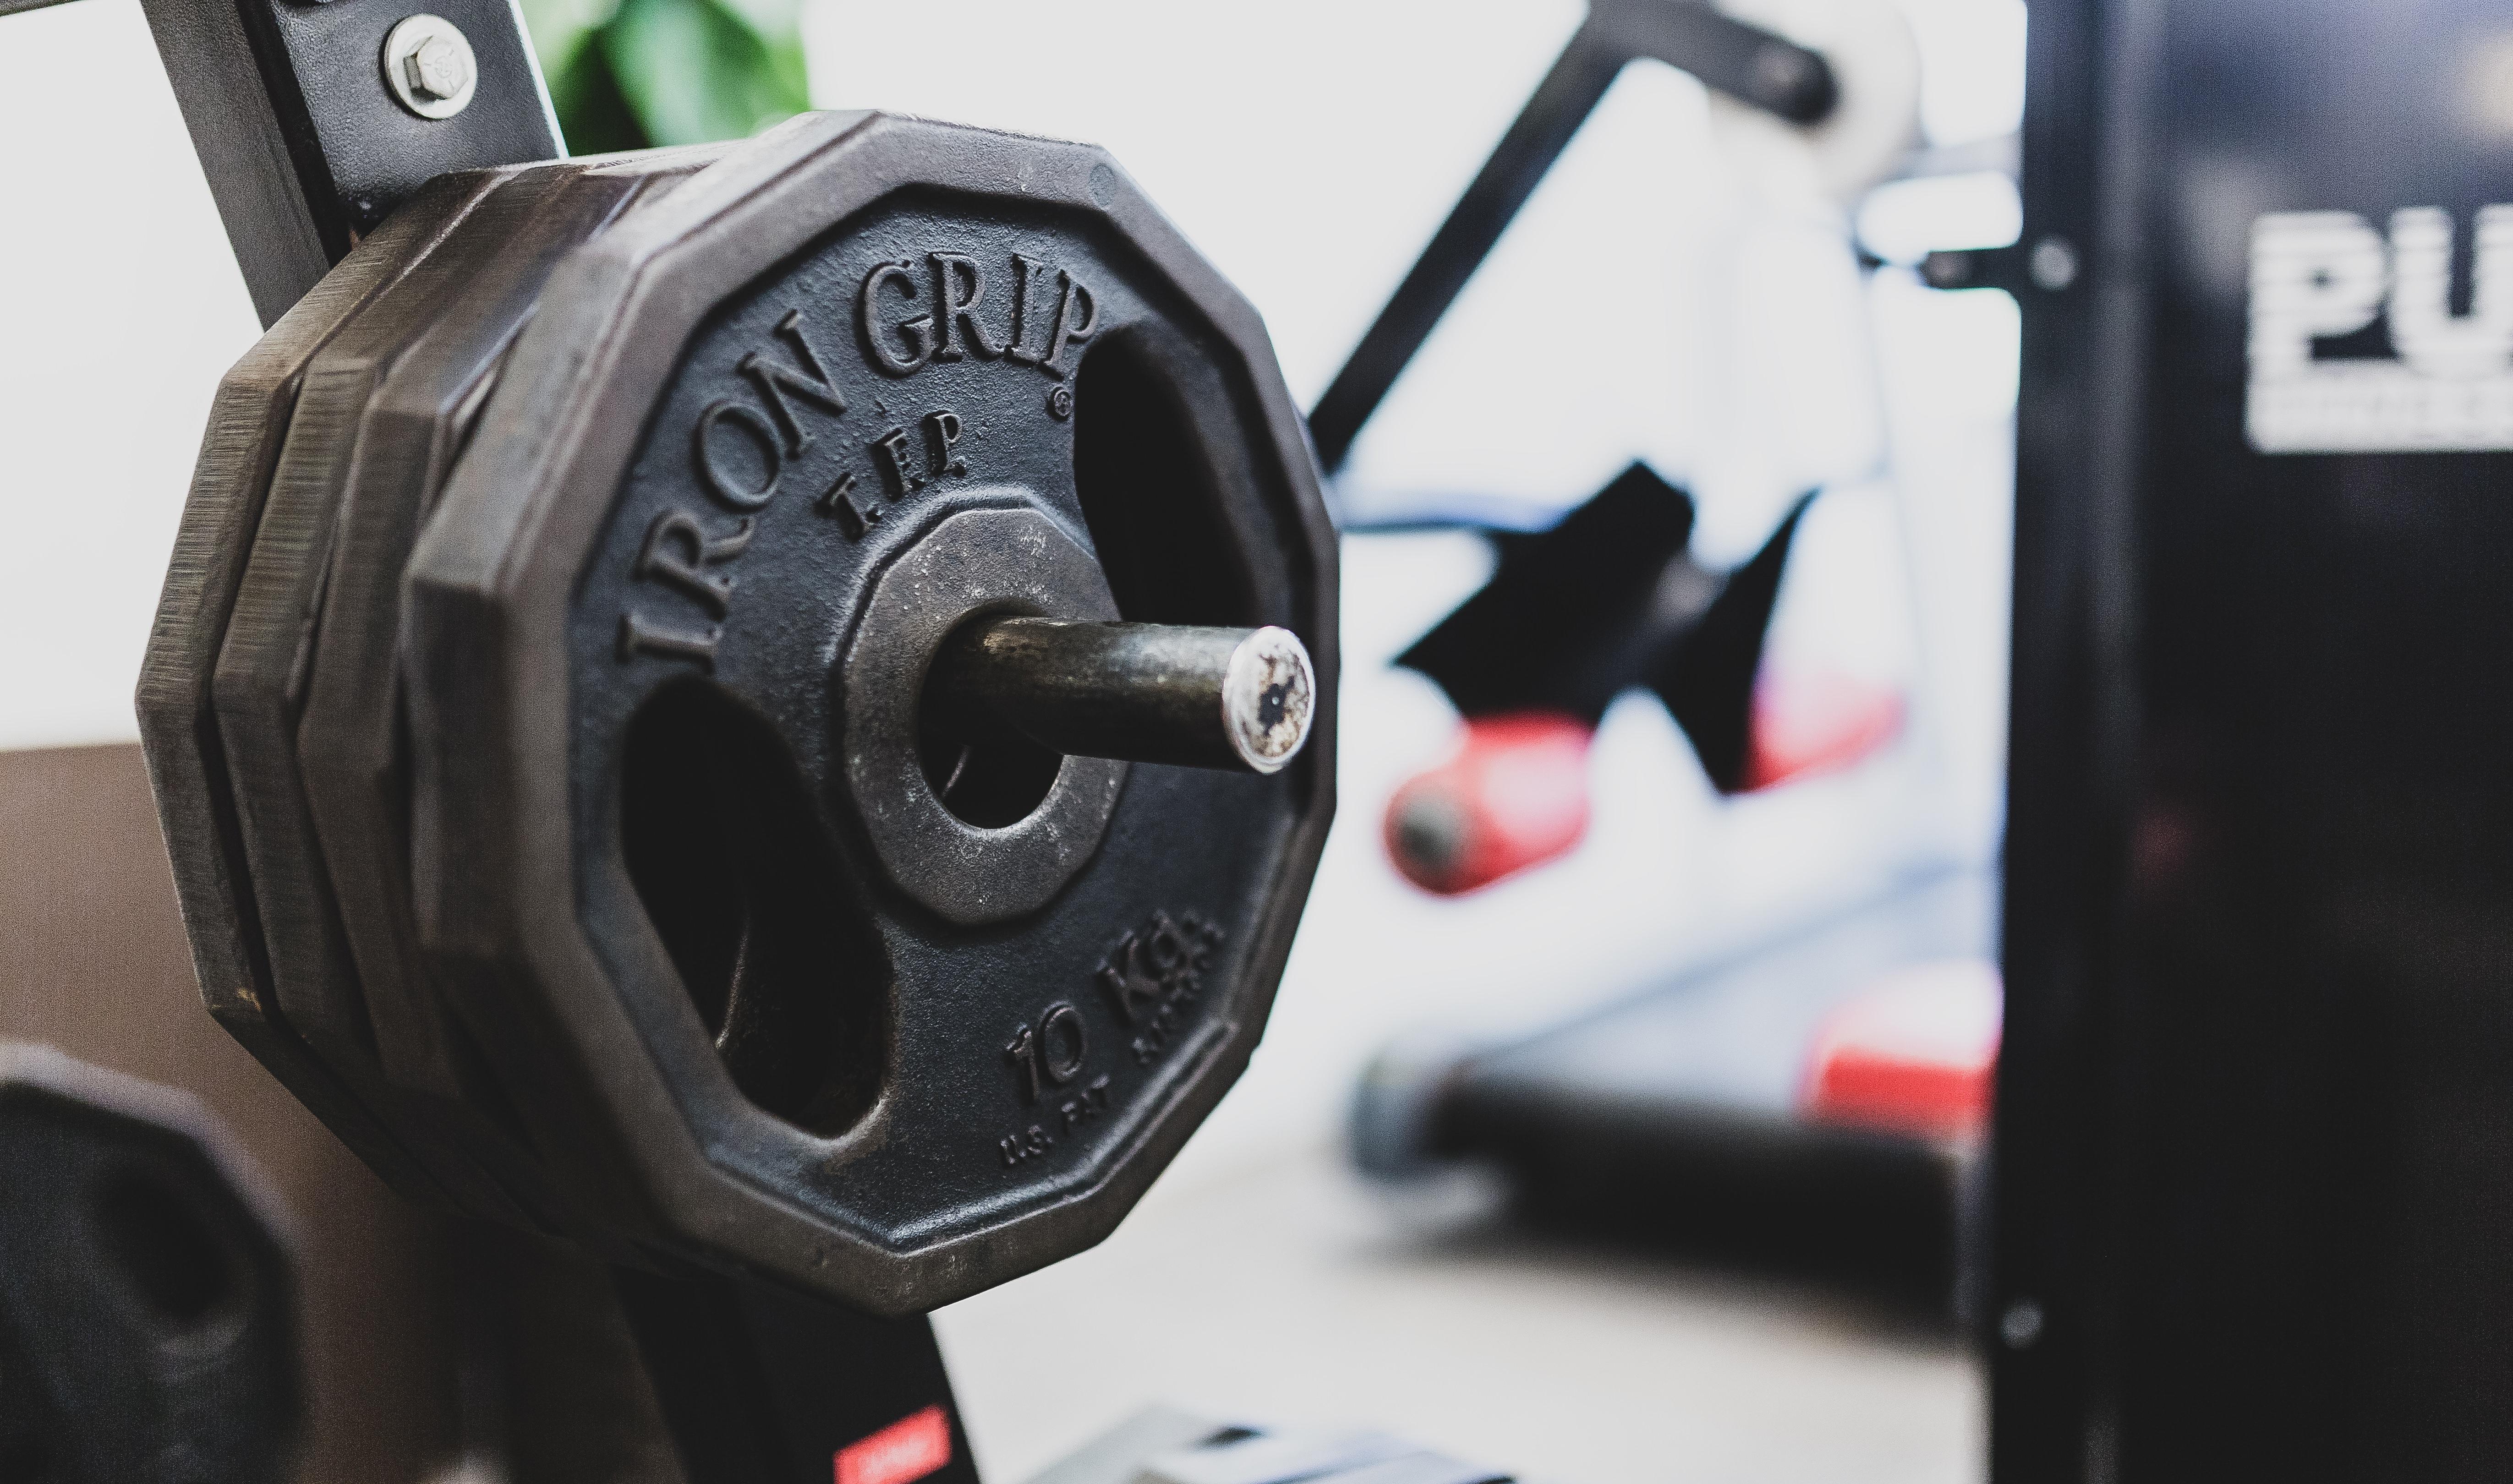 トレーニングを無駄にしない!筋力アップに効果的な3つの食べ物